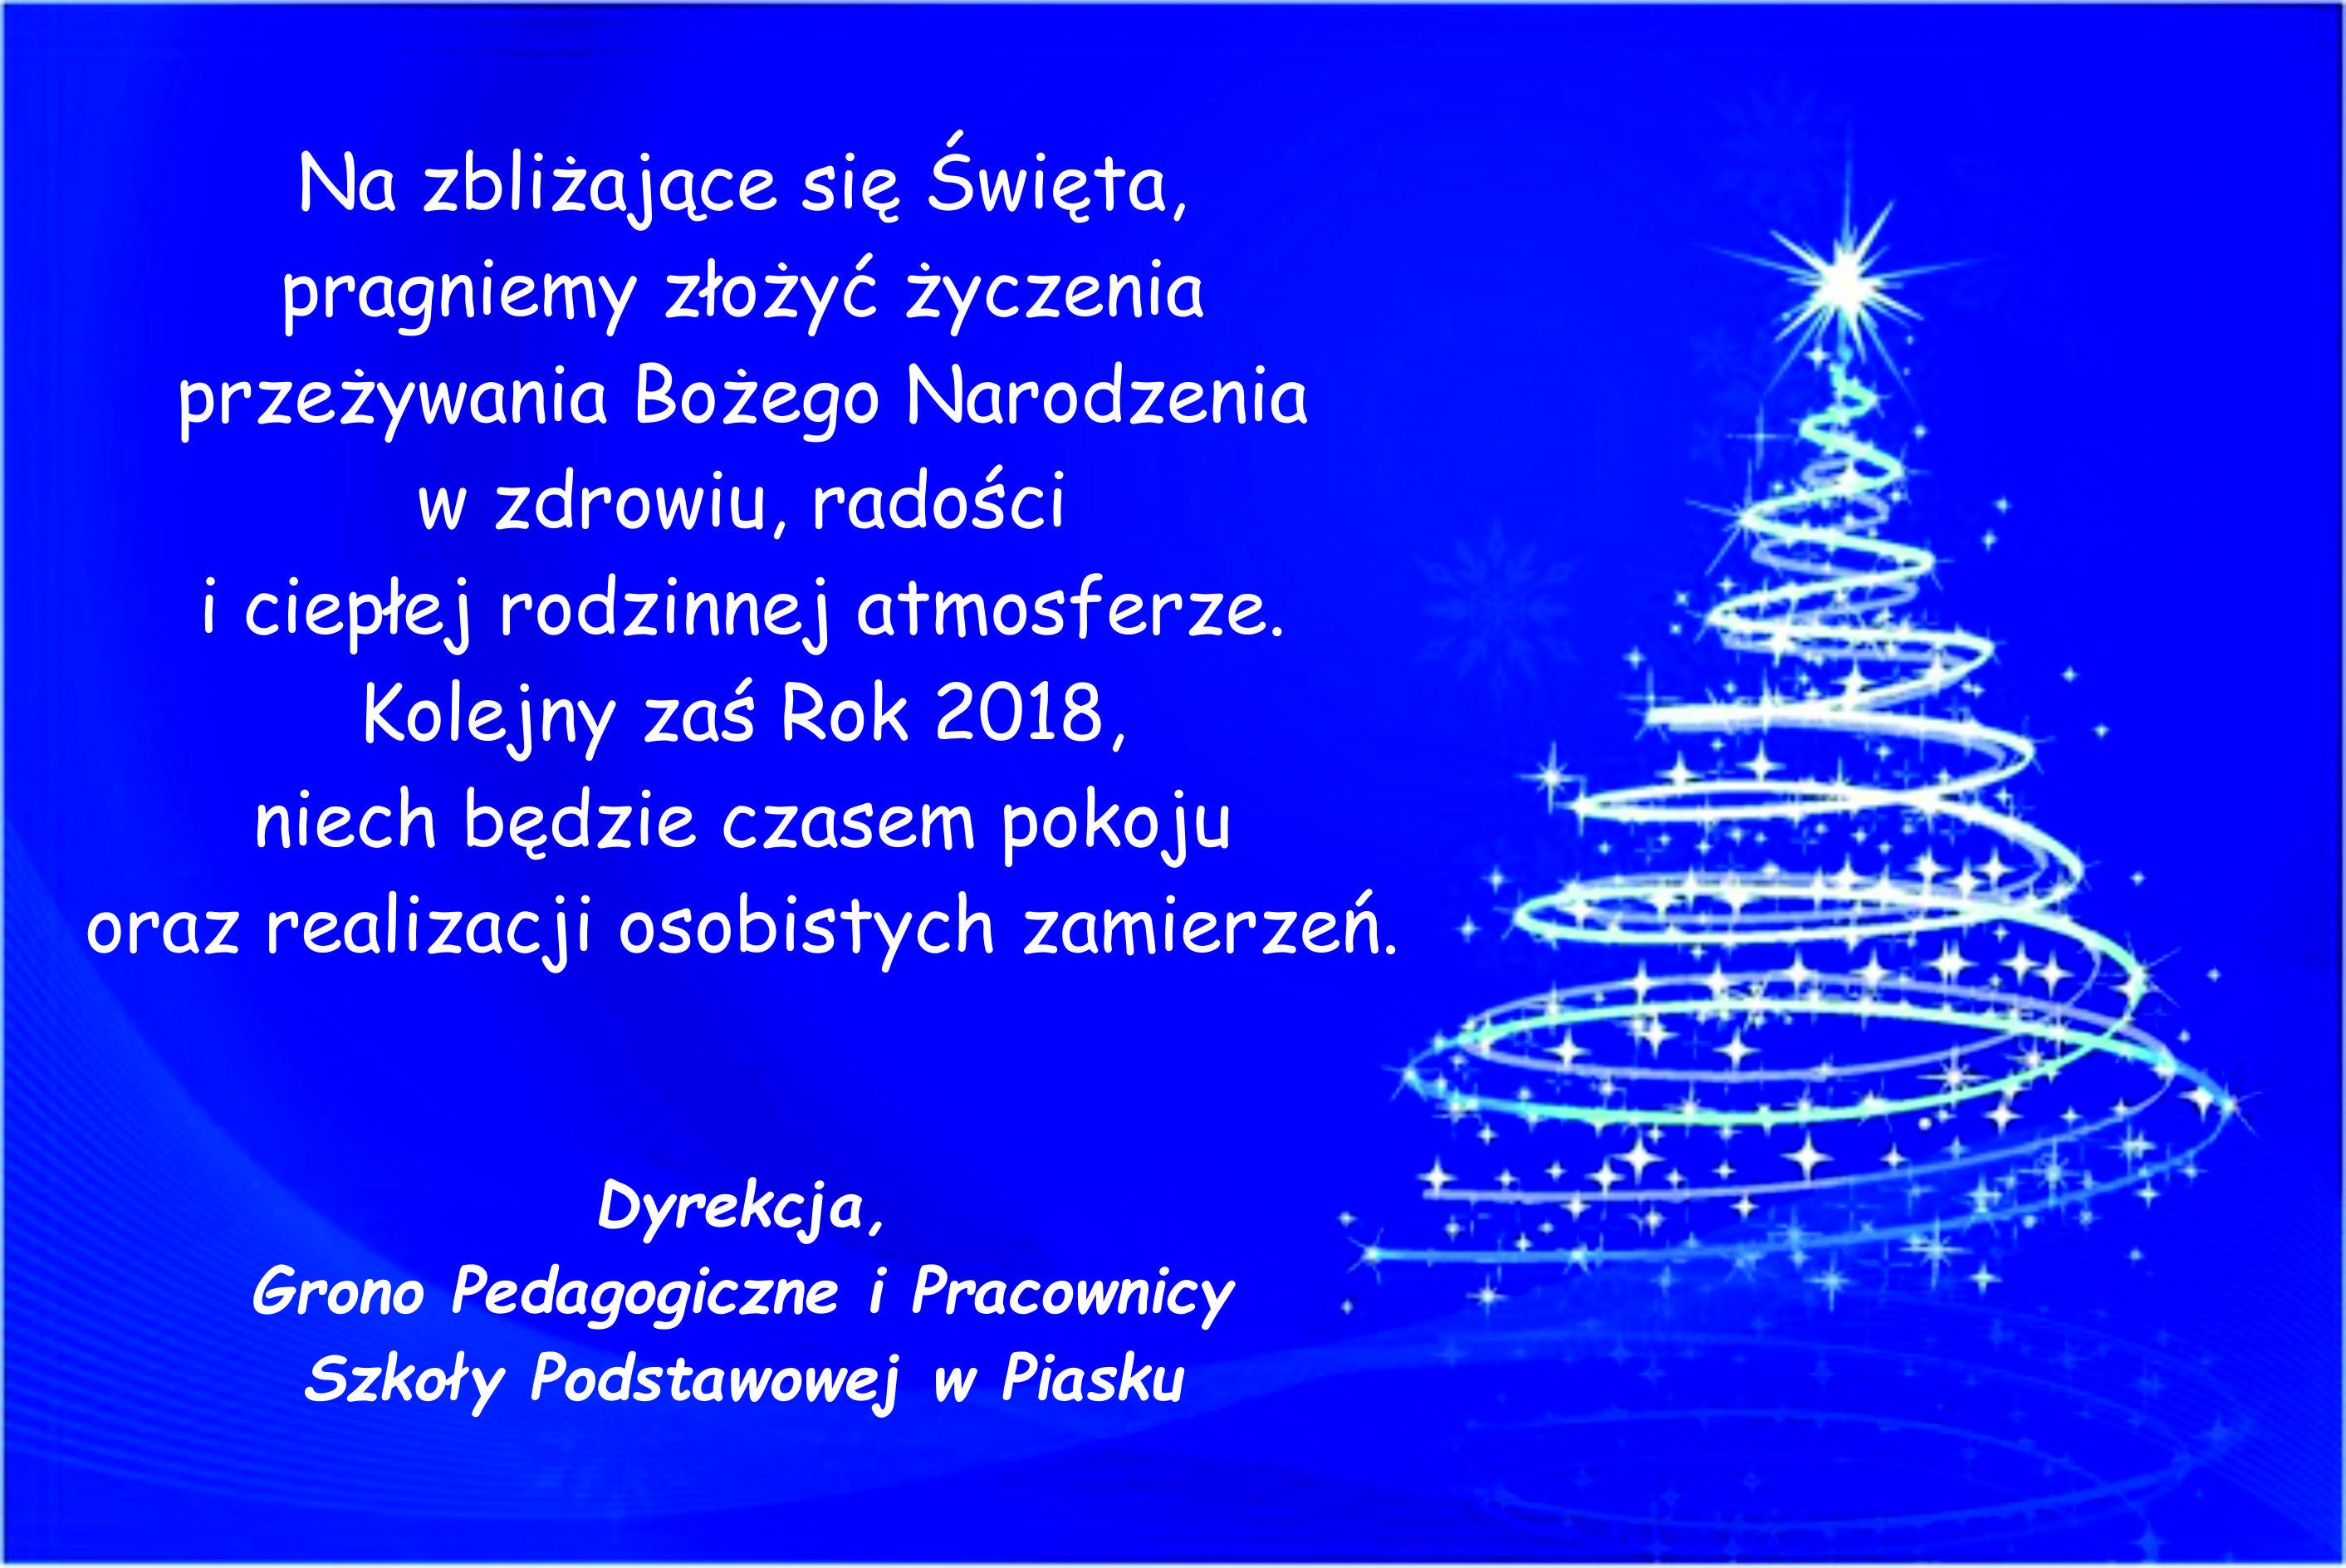 zyczeniaBNPiasek2017.jpg